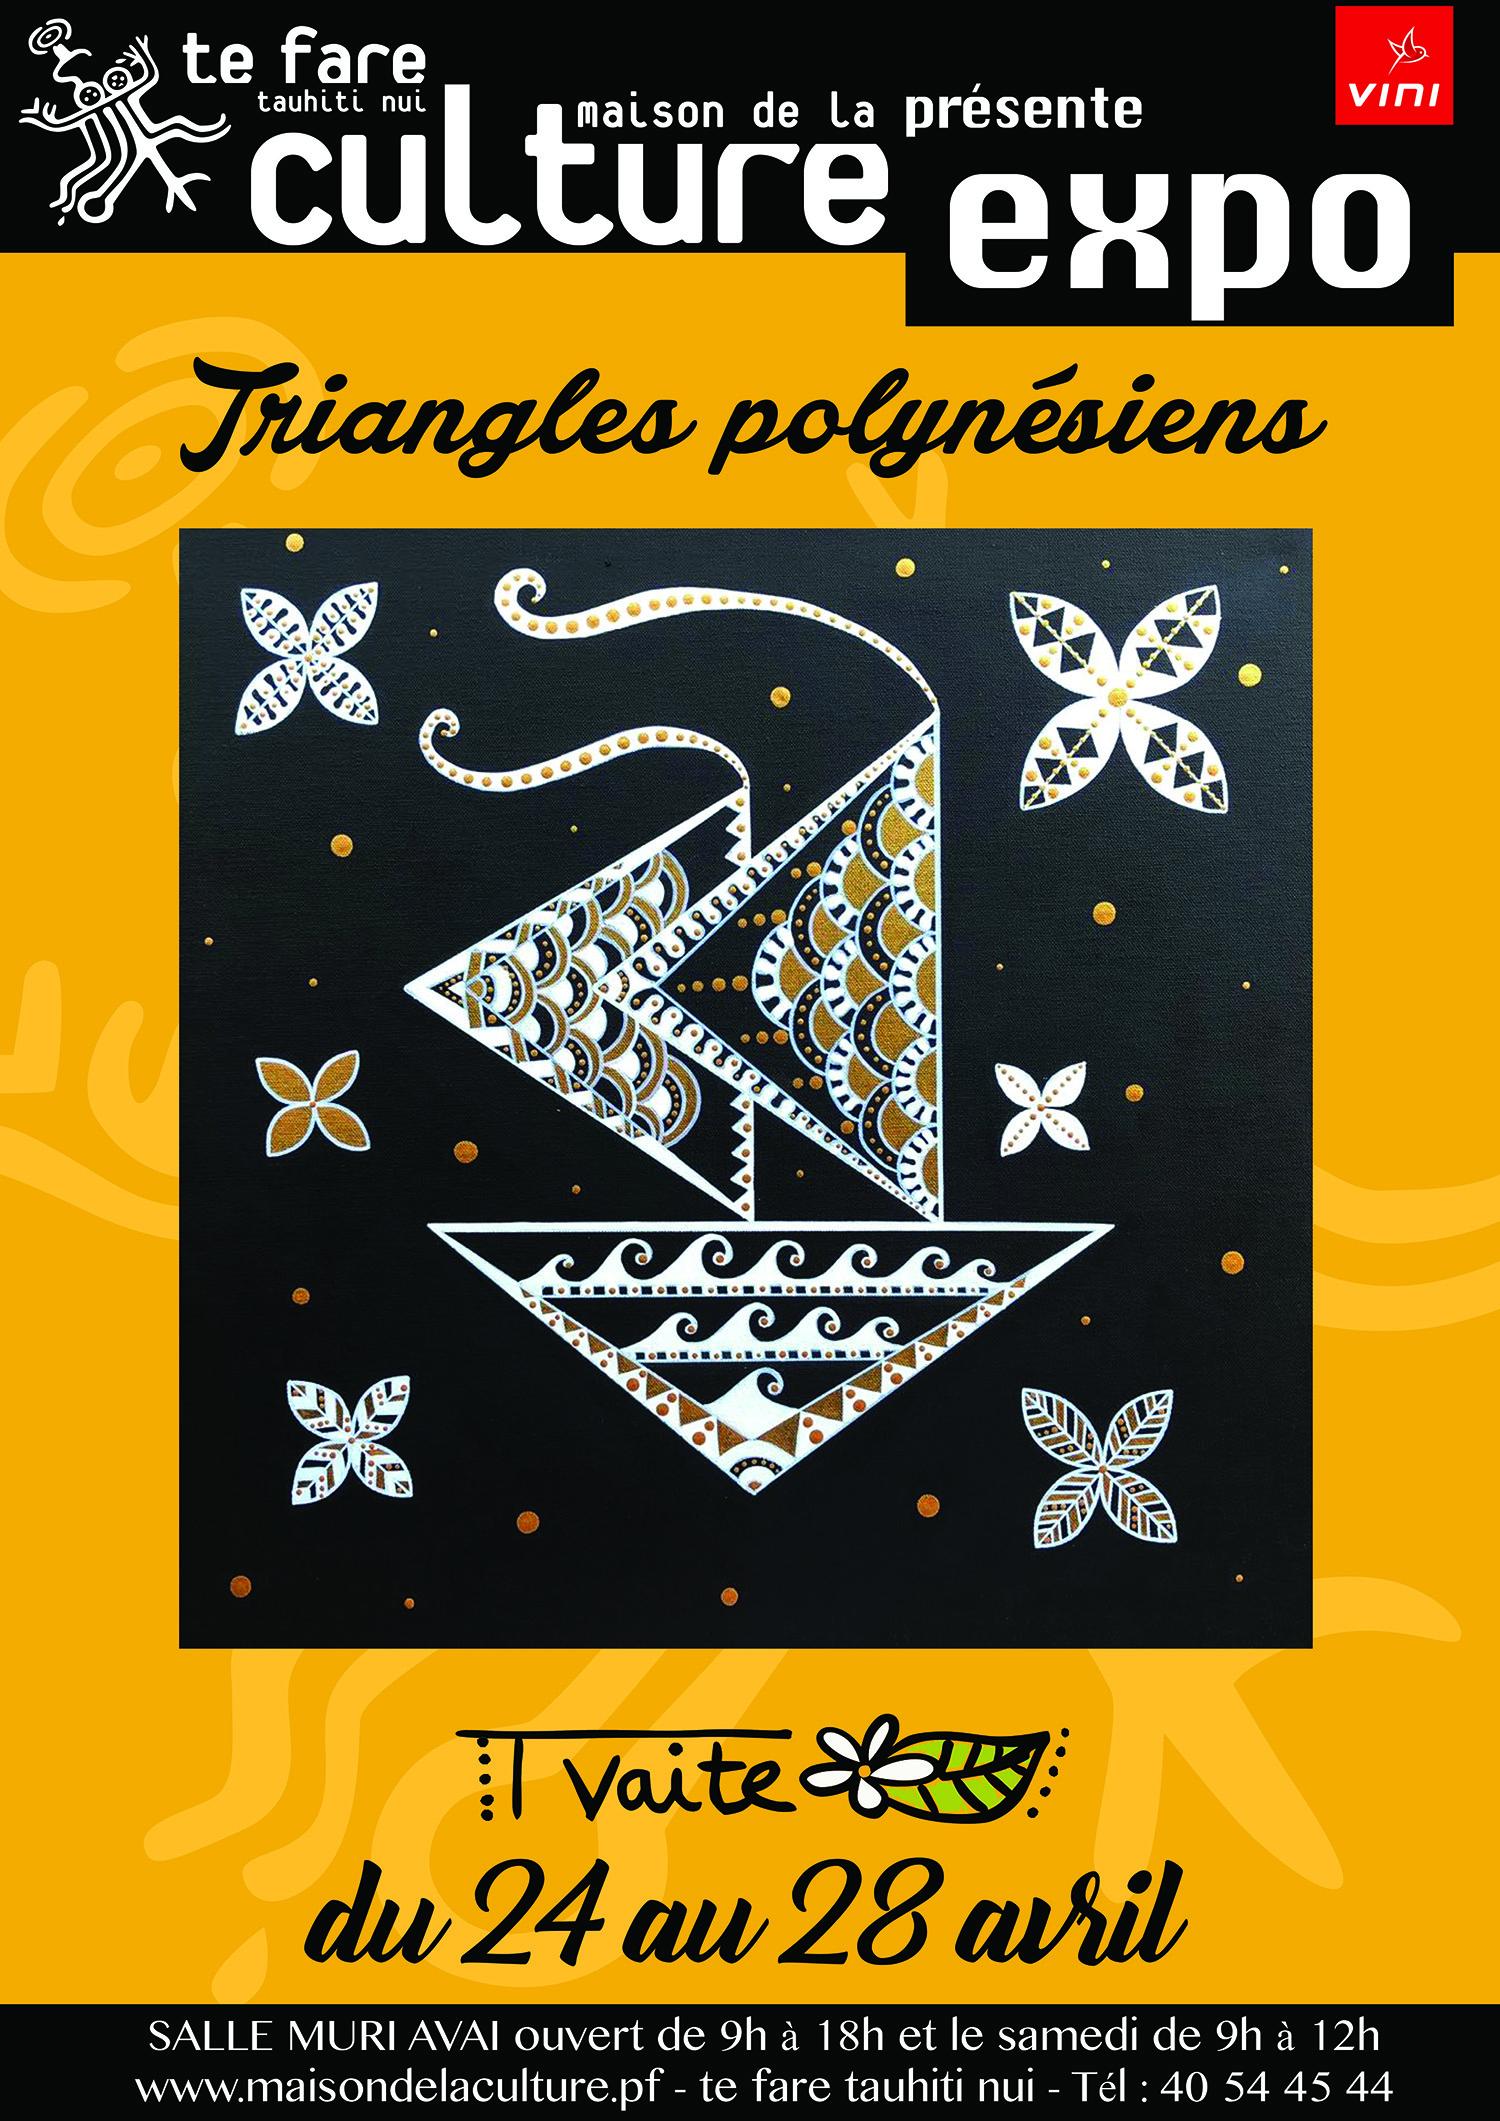 Tvaite revient avec une nouvelle série de toiles sur le triangle polynésien